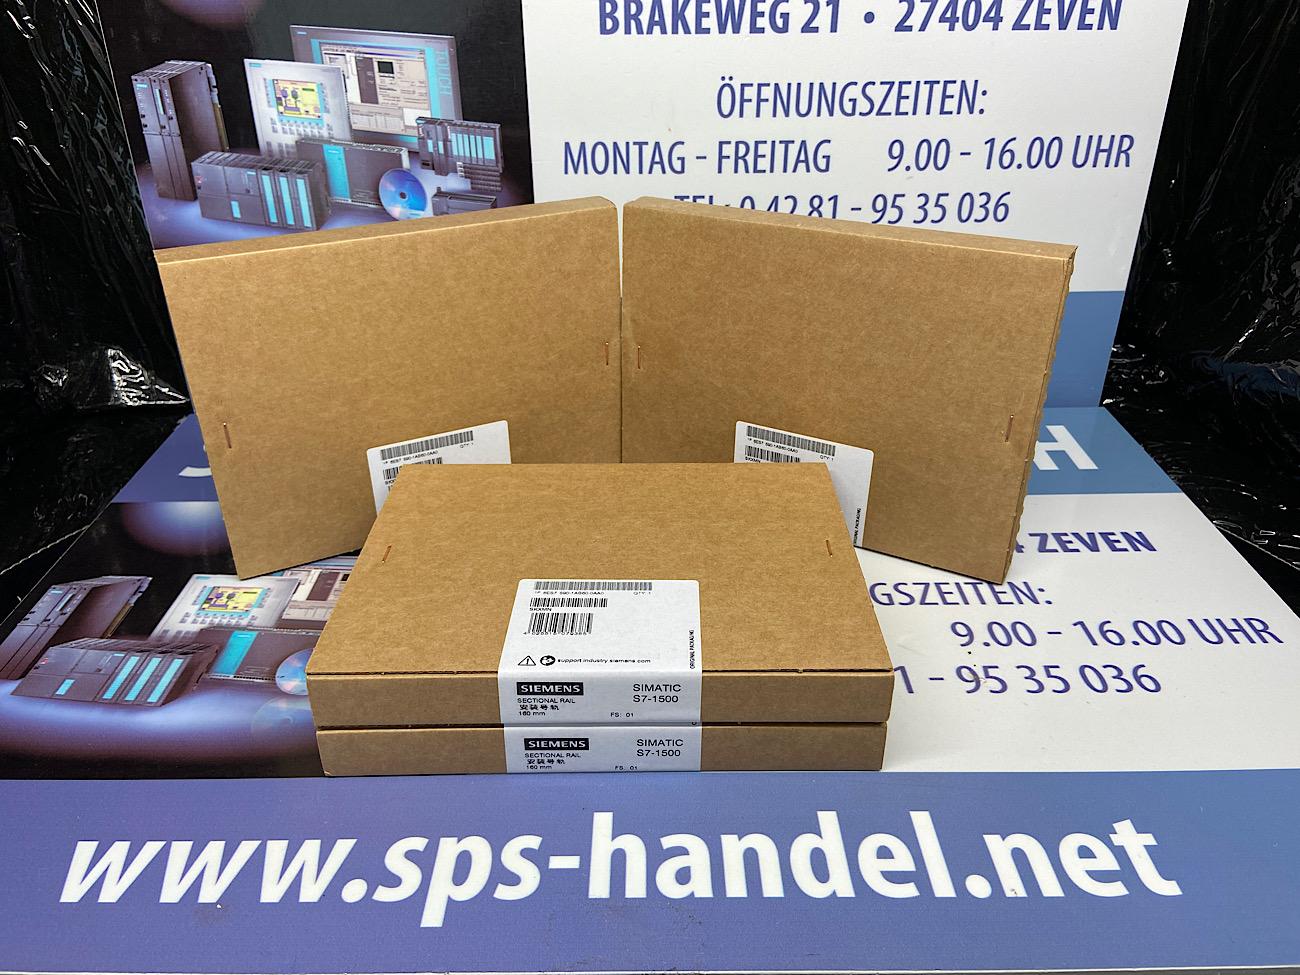 6ES7590-1AB60-0AA0 | Profilschiene 160mm | NEU Siegel (26%)